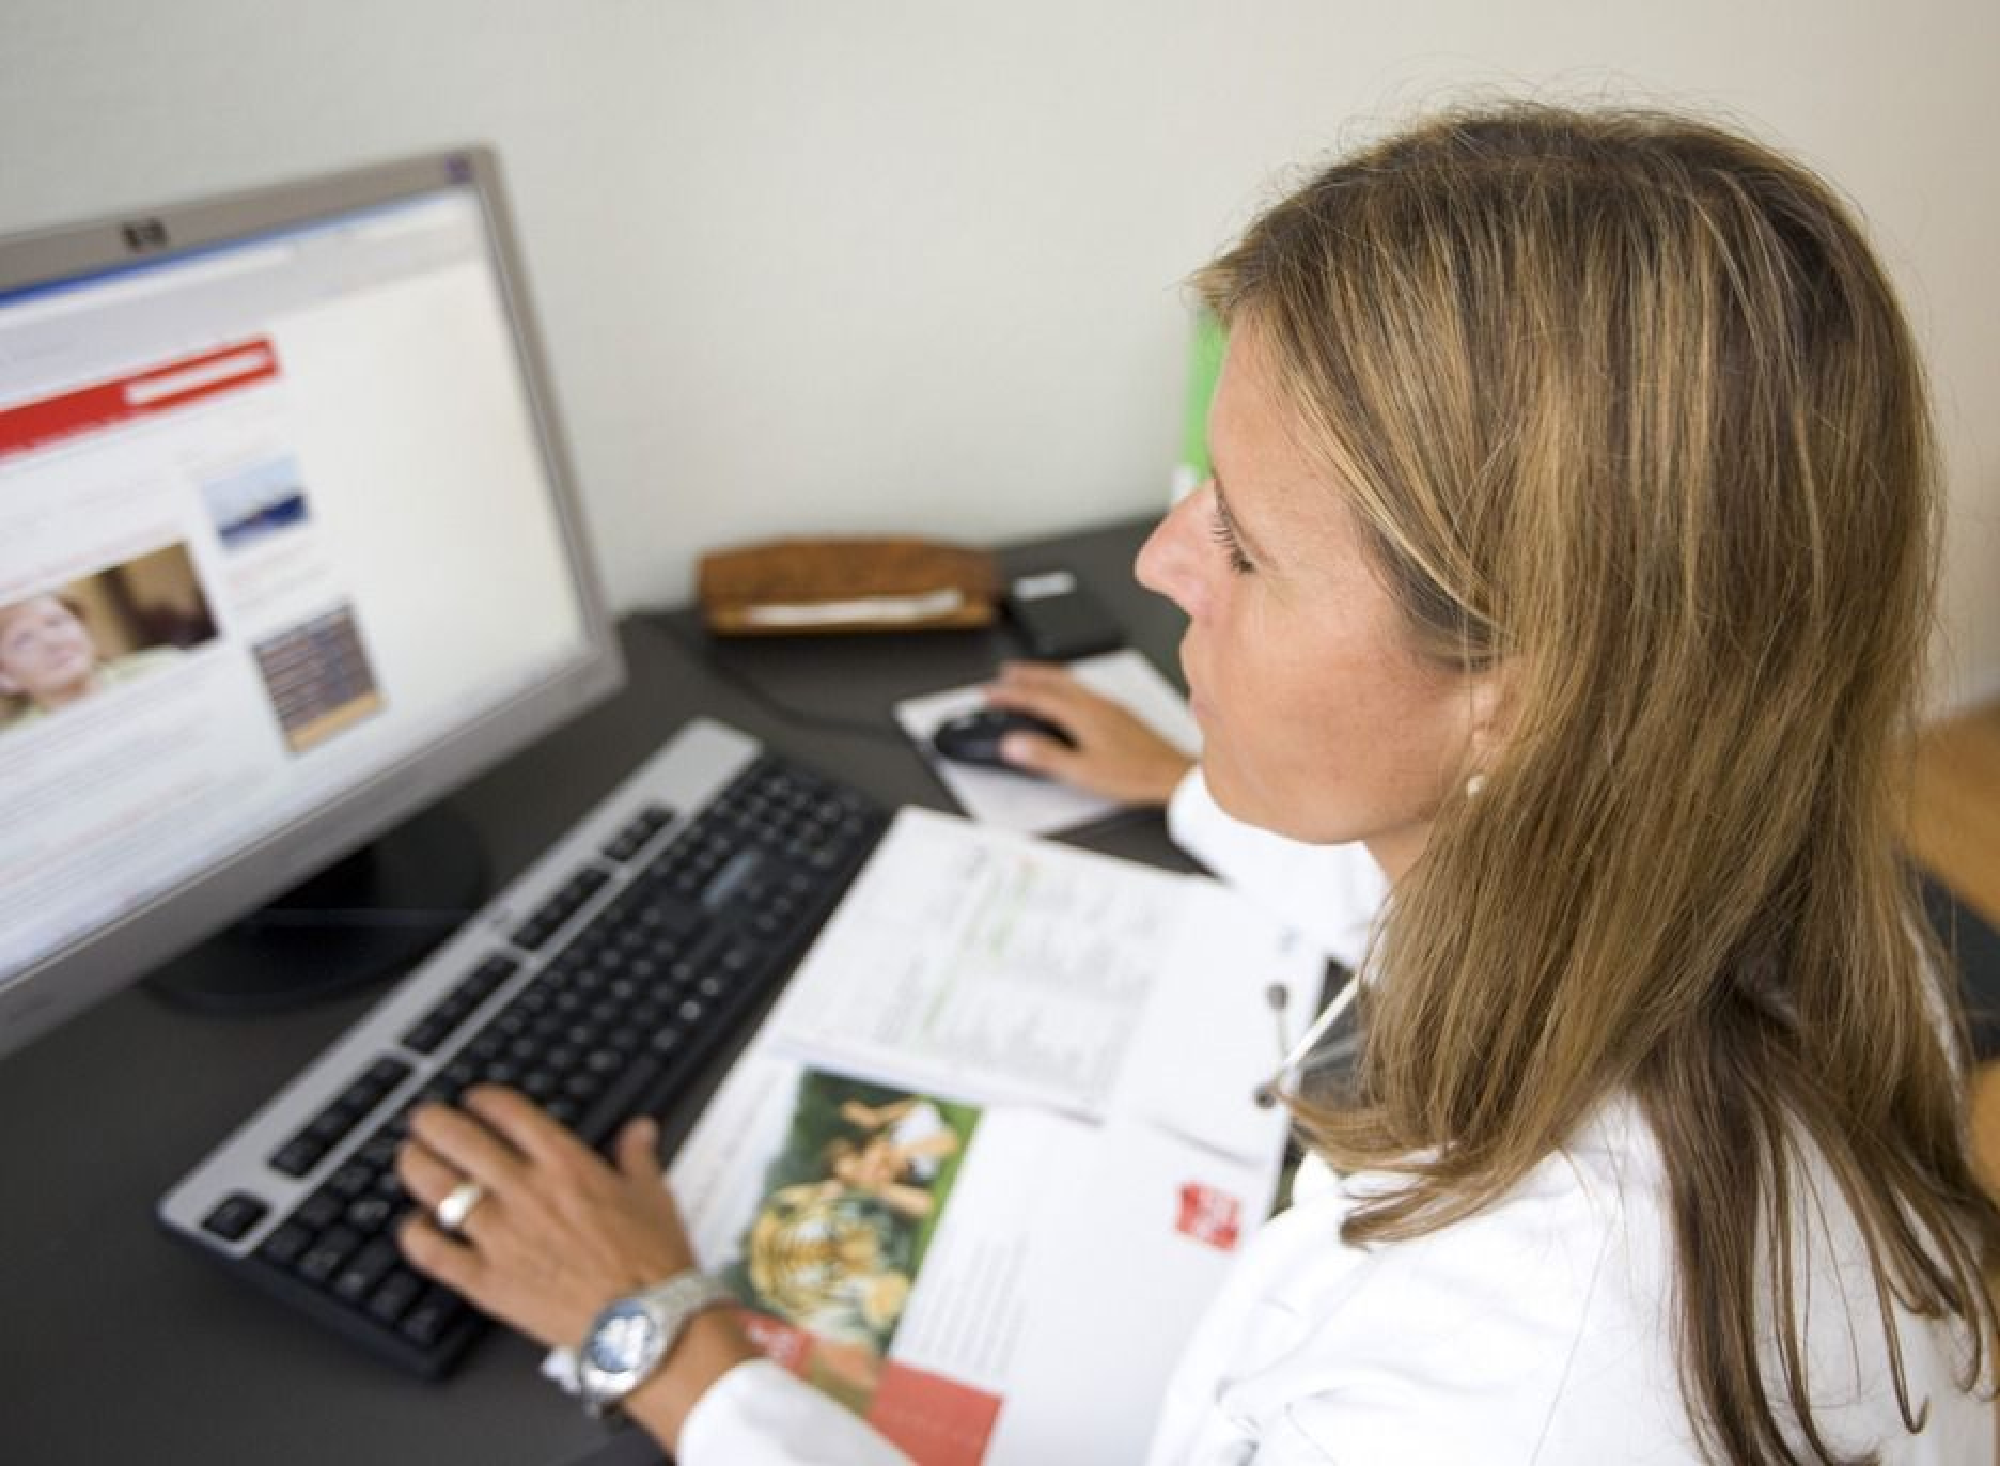 Ny kjernejournal skal inneholde livsviktig informasjon om blant annet pasientens legemiddelbruk og legemiddelallergier.